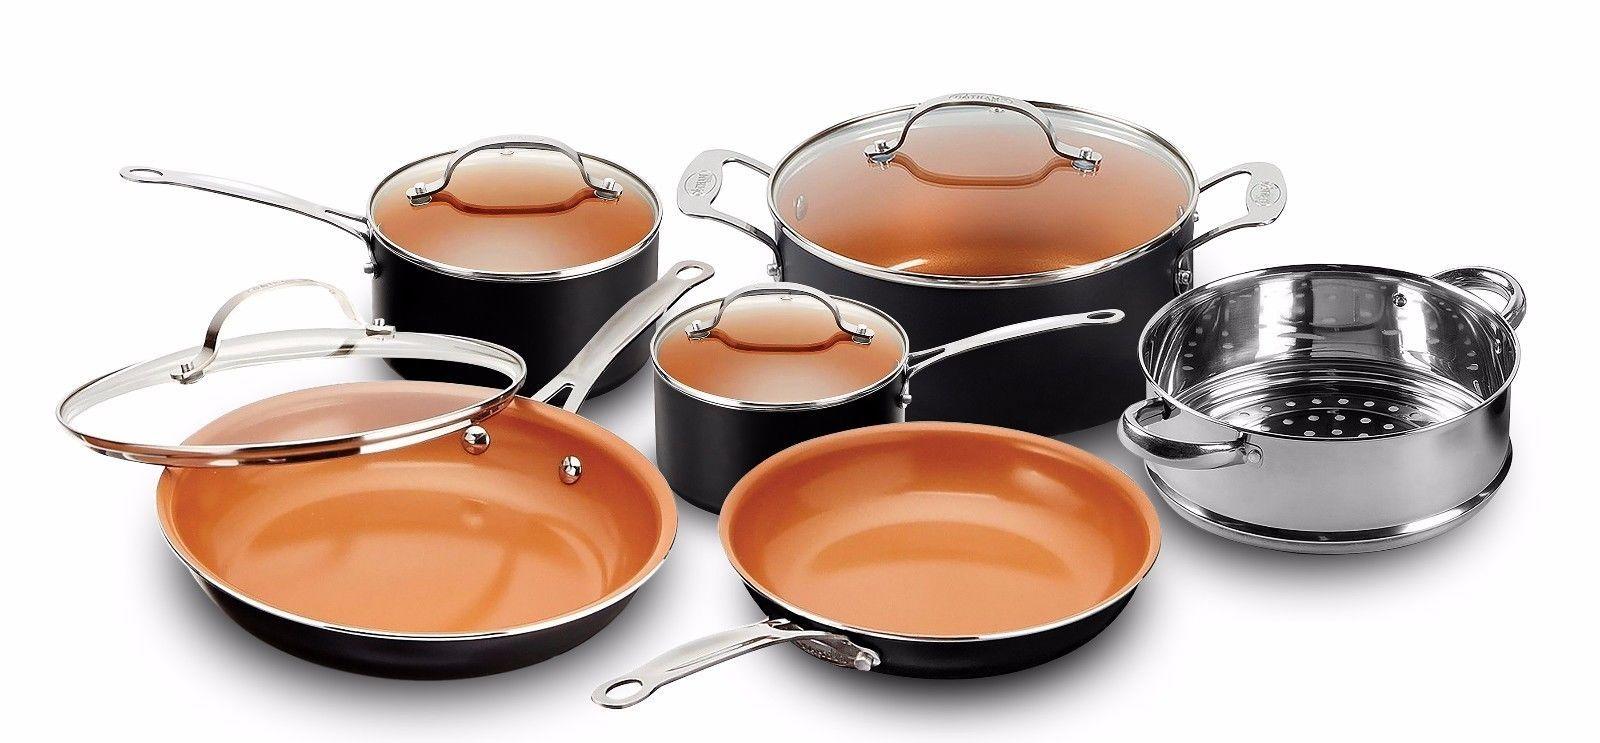 Gotham Steel 10 Piece Nonstick Copper Frying Pan Cookware Set